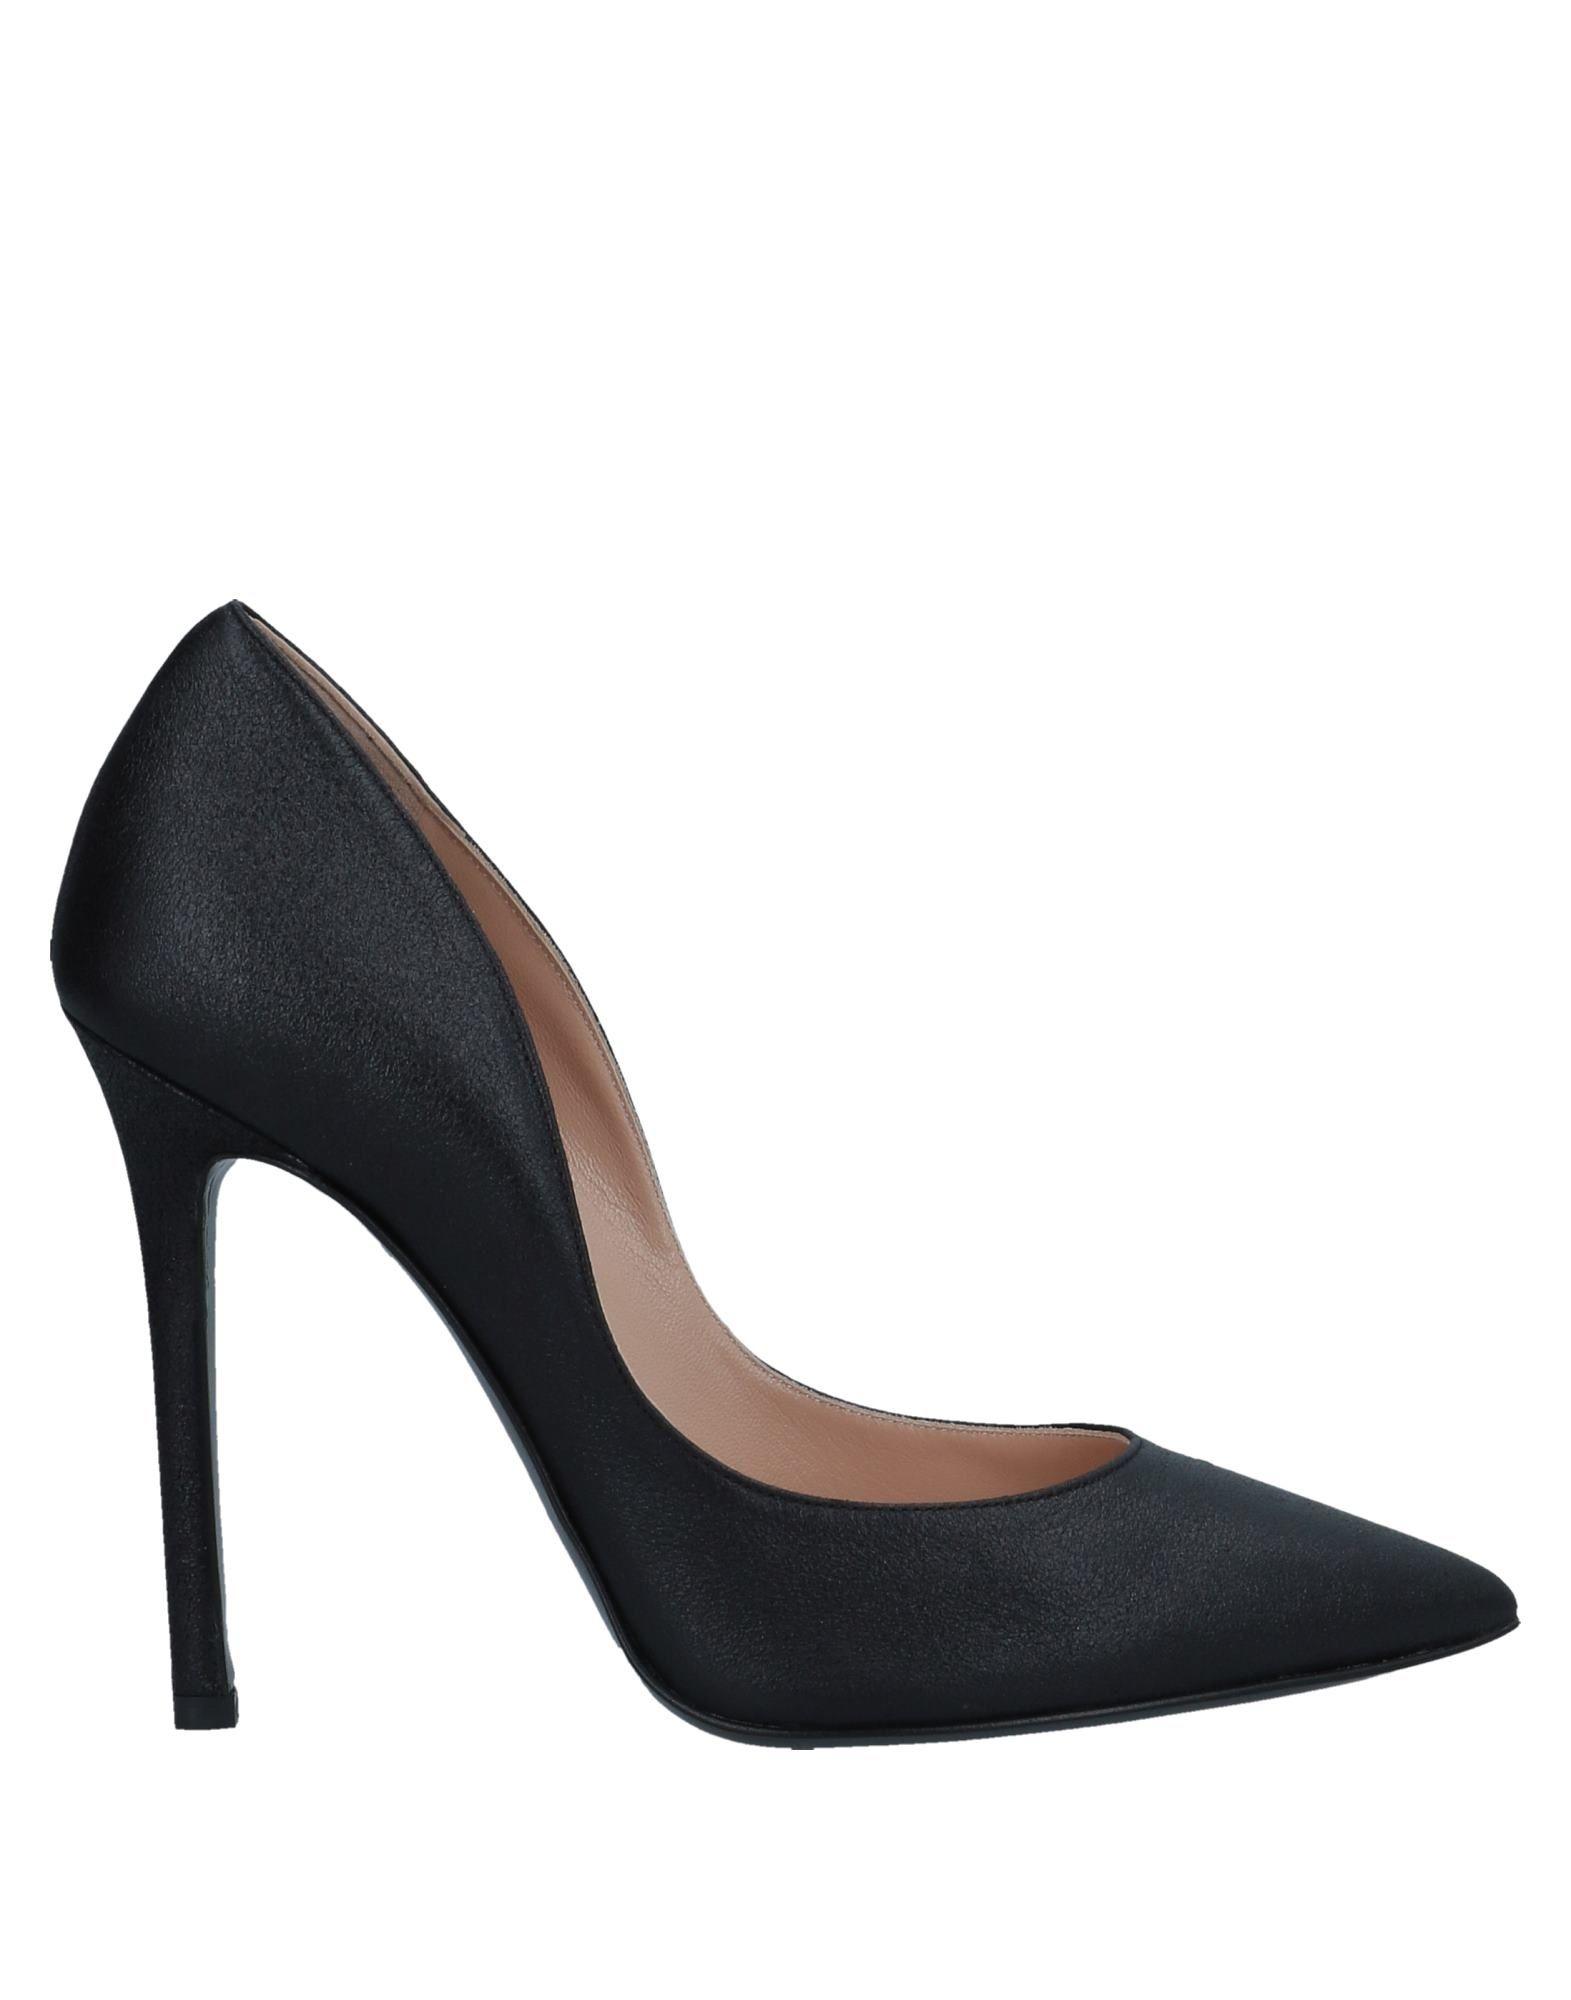 Negro Zapato De Salón 18 Kt Mujer - Salones Salones Salones 18 Kt Gran descuento cdfe83